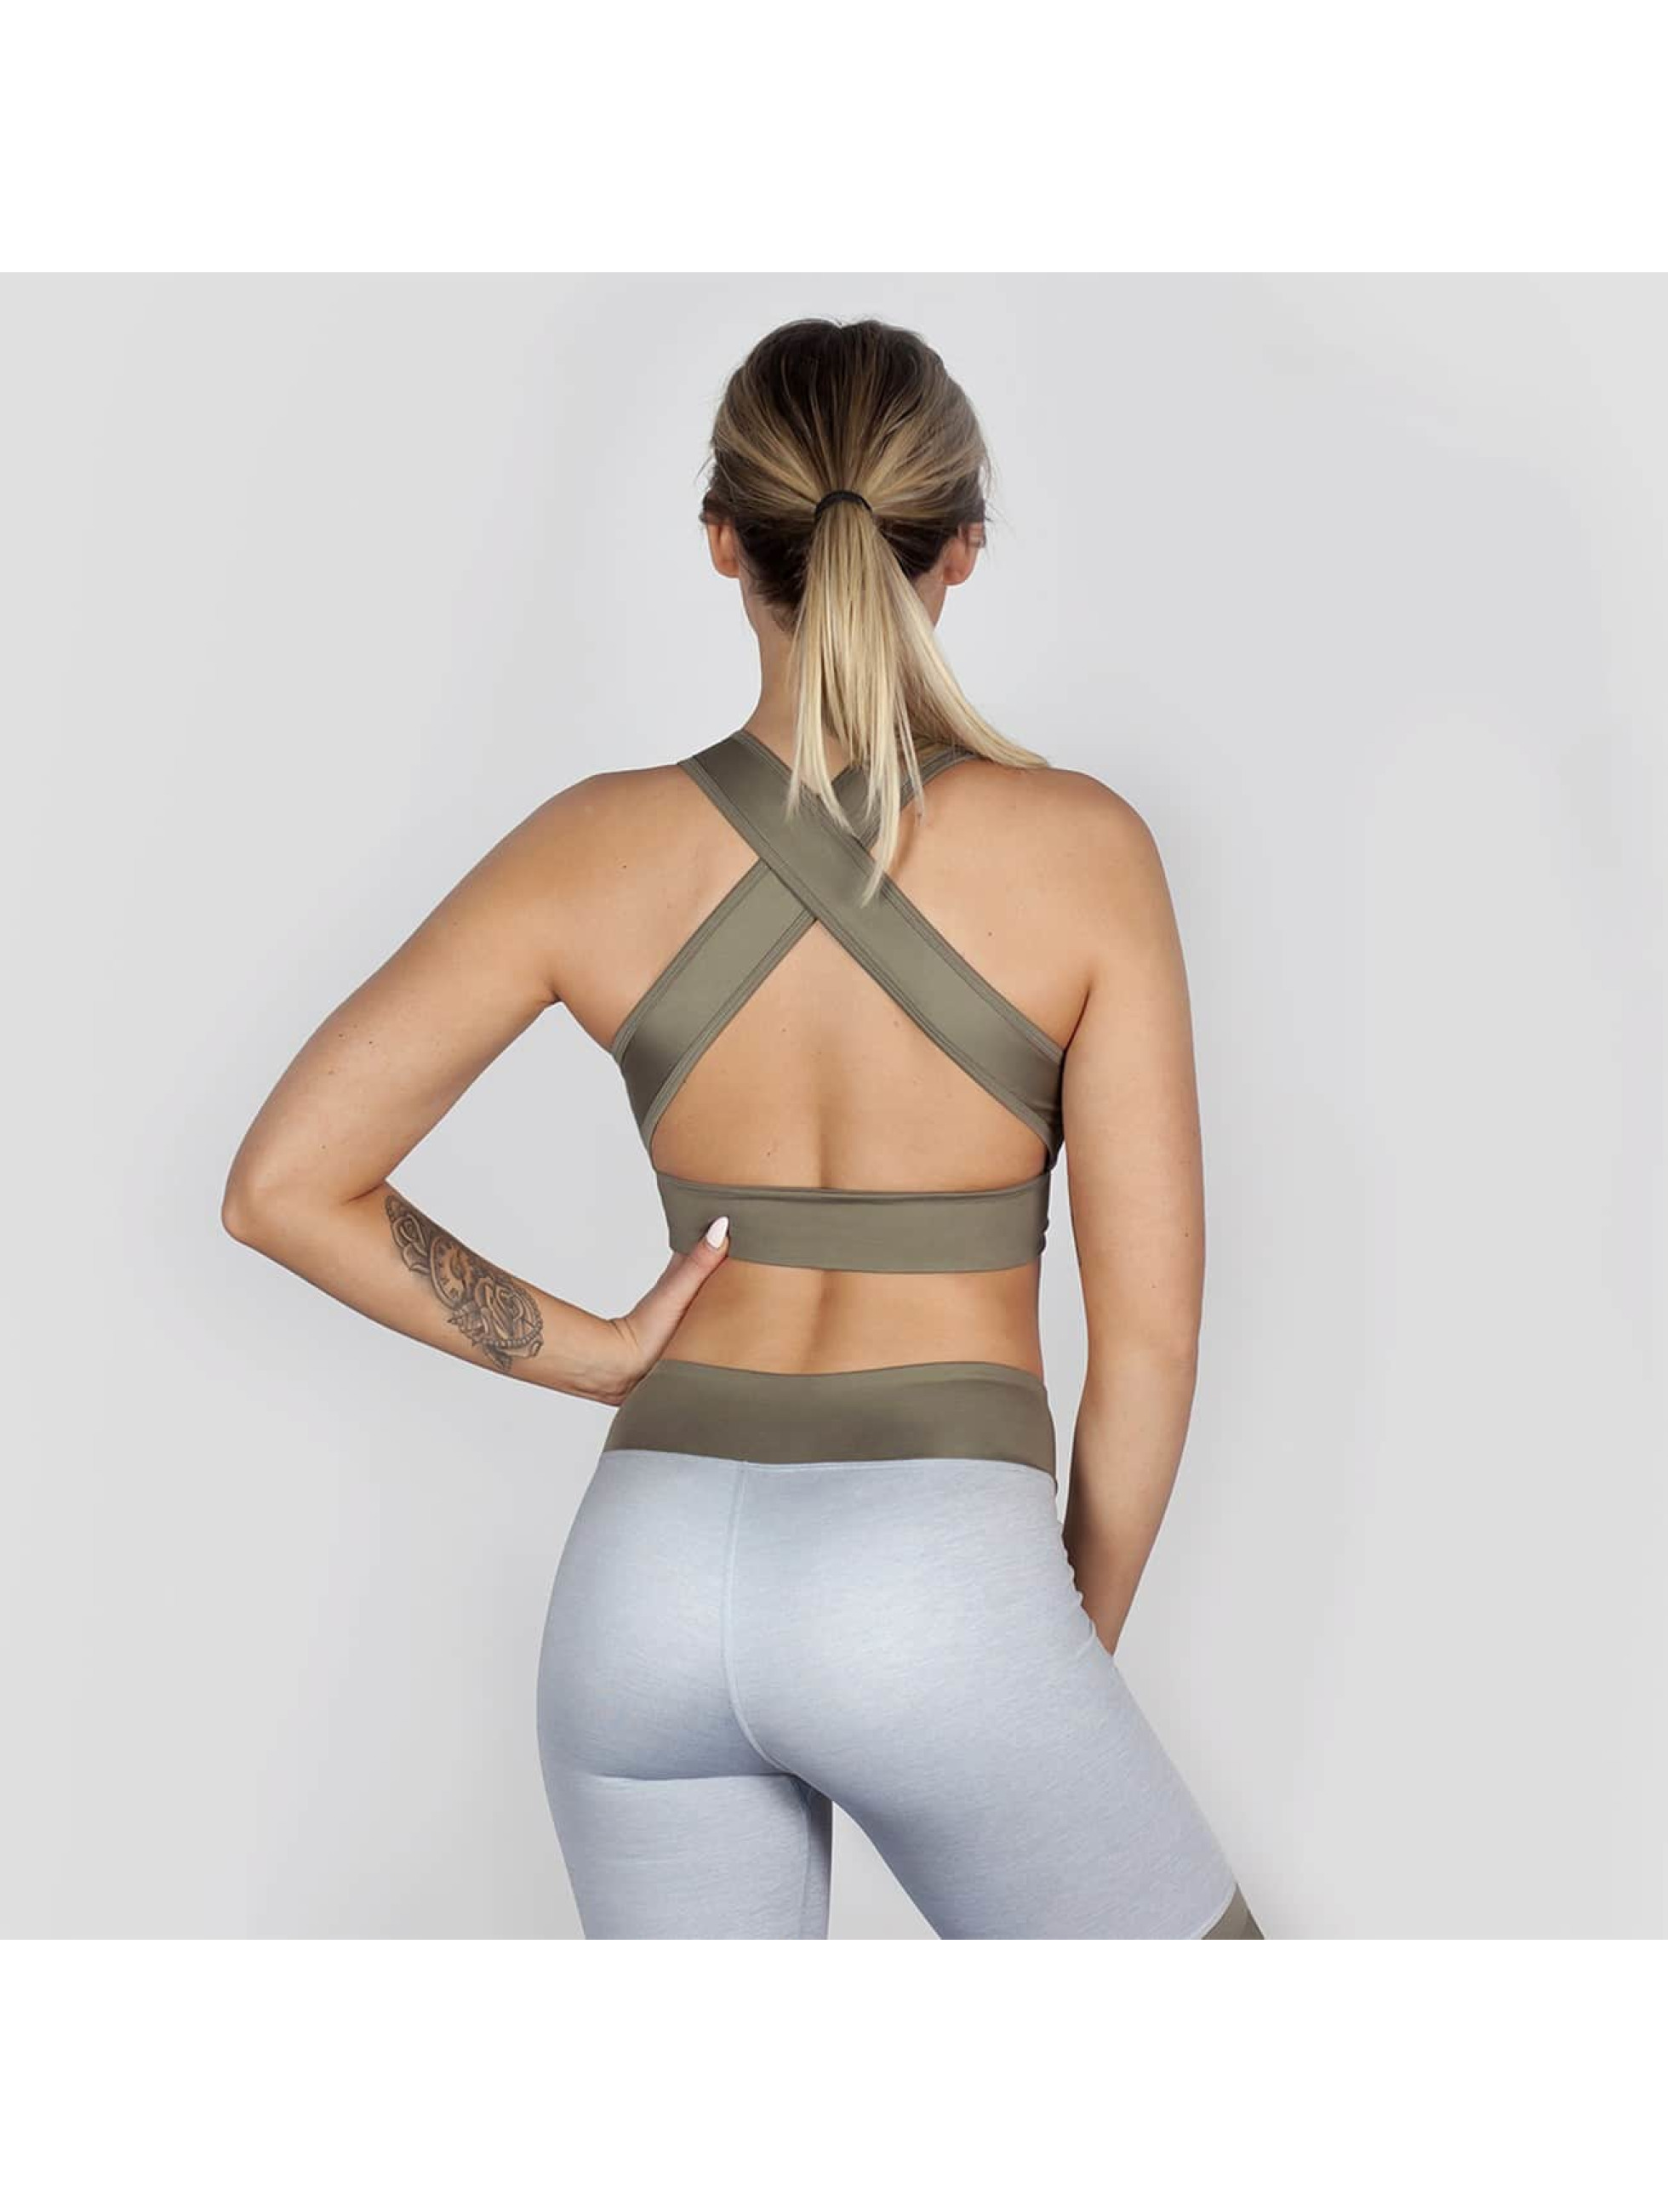 Beyond Limits Sports Bra Crossback gray